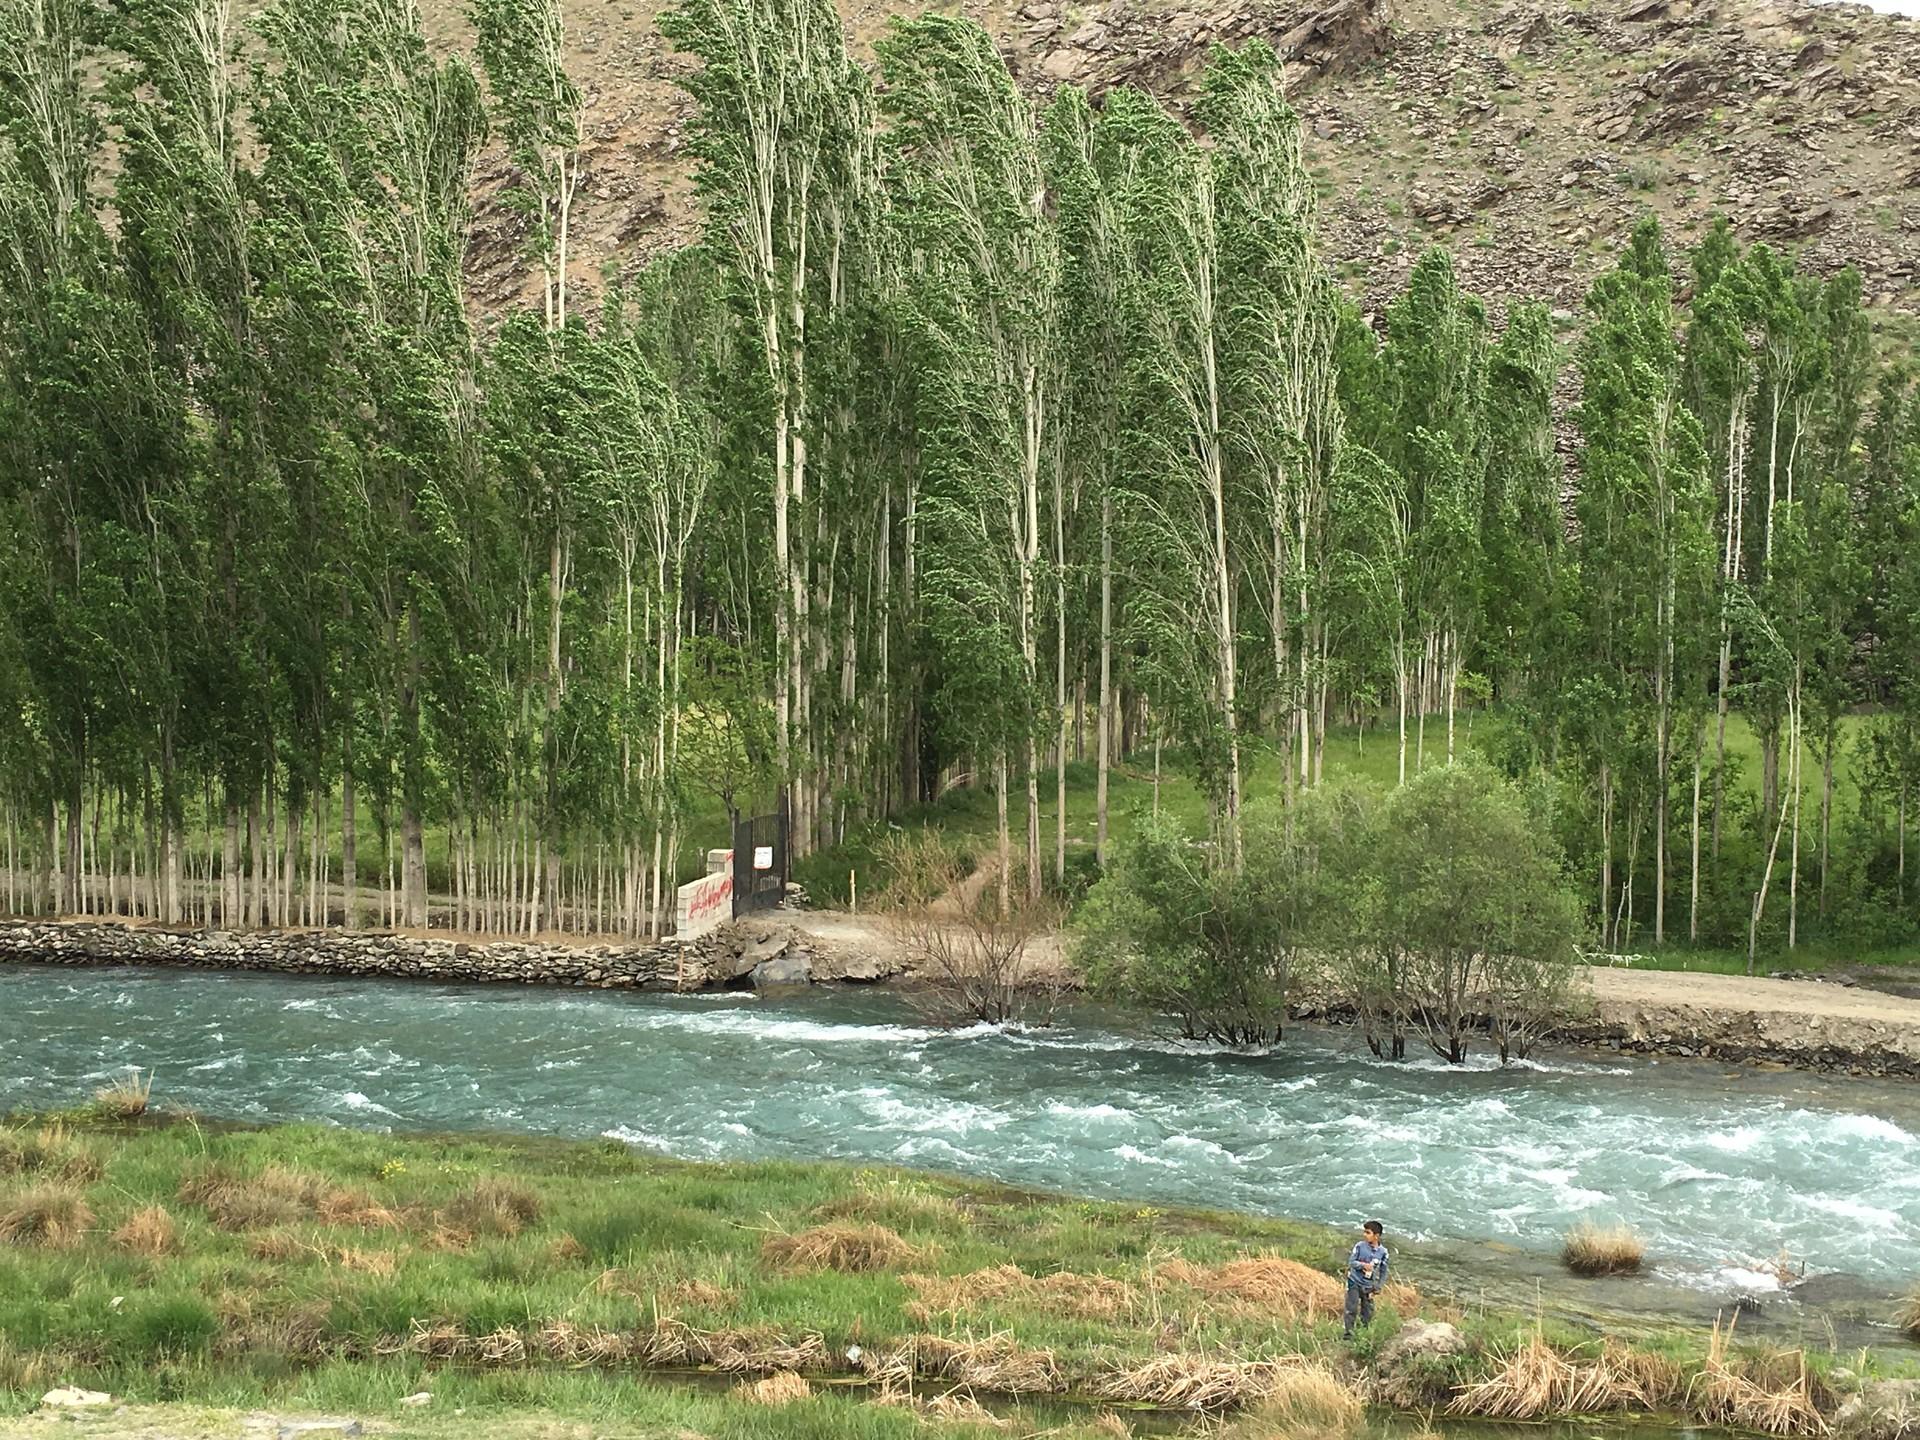 golpayegan-isfahan-08fb2fc46145734ffcd40